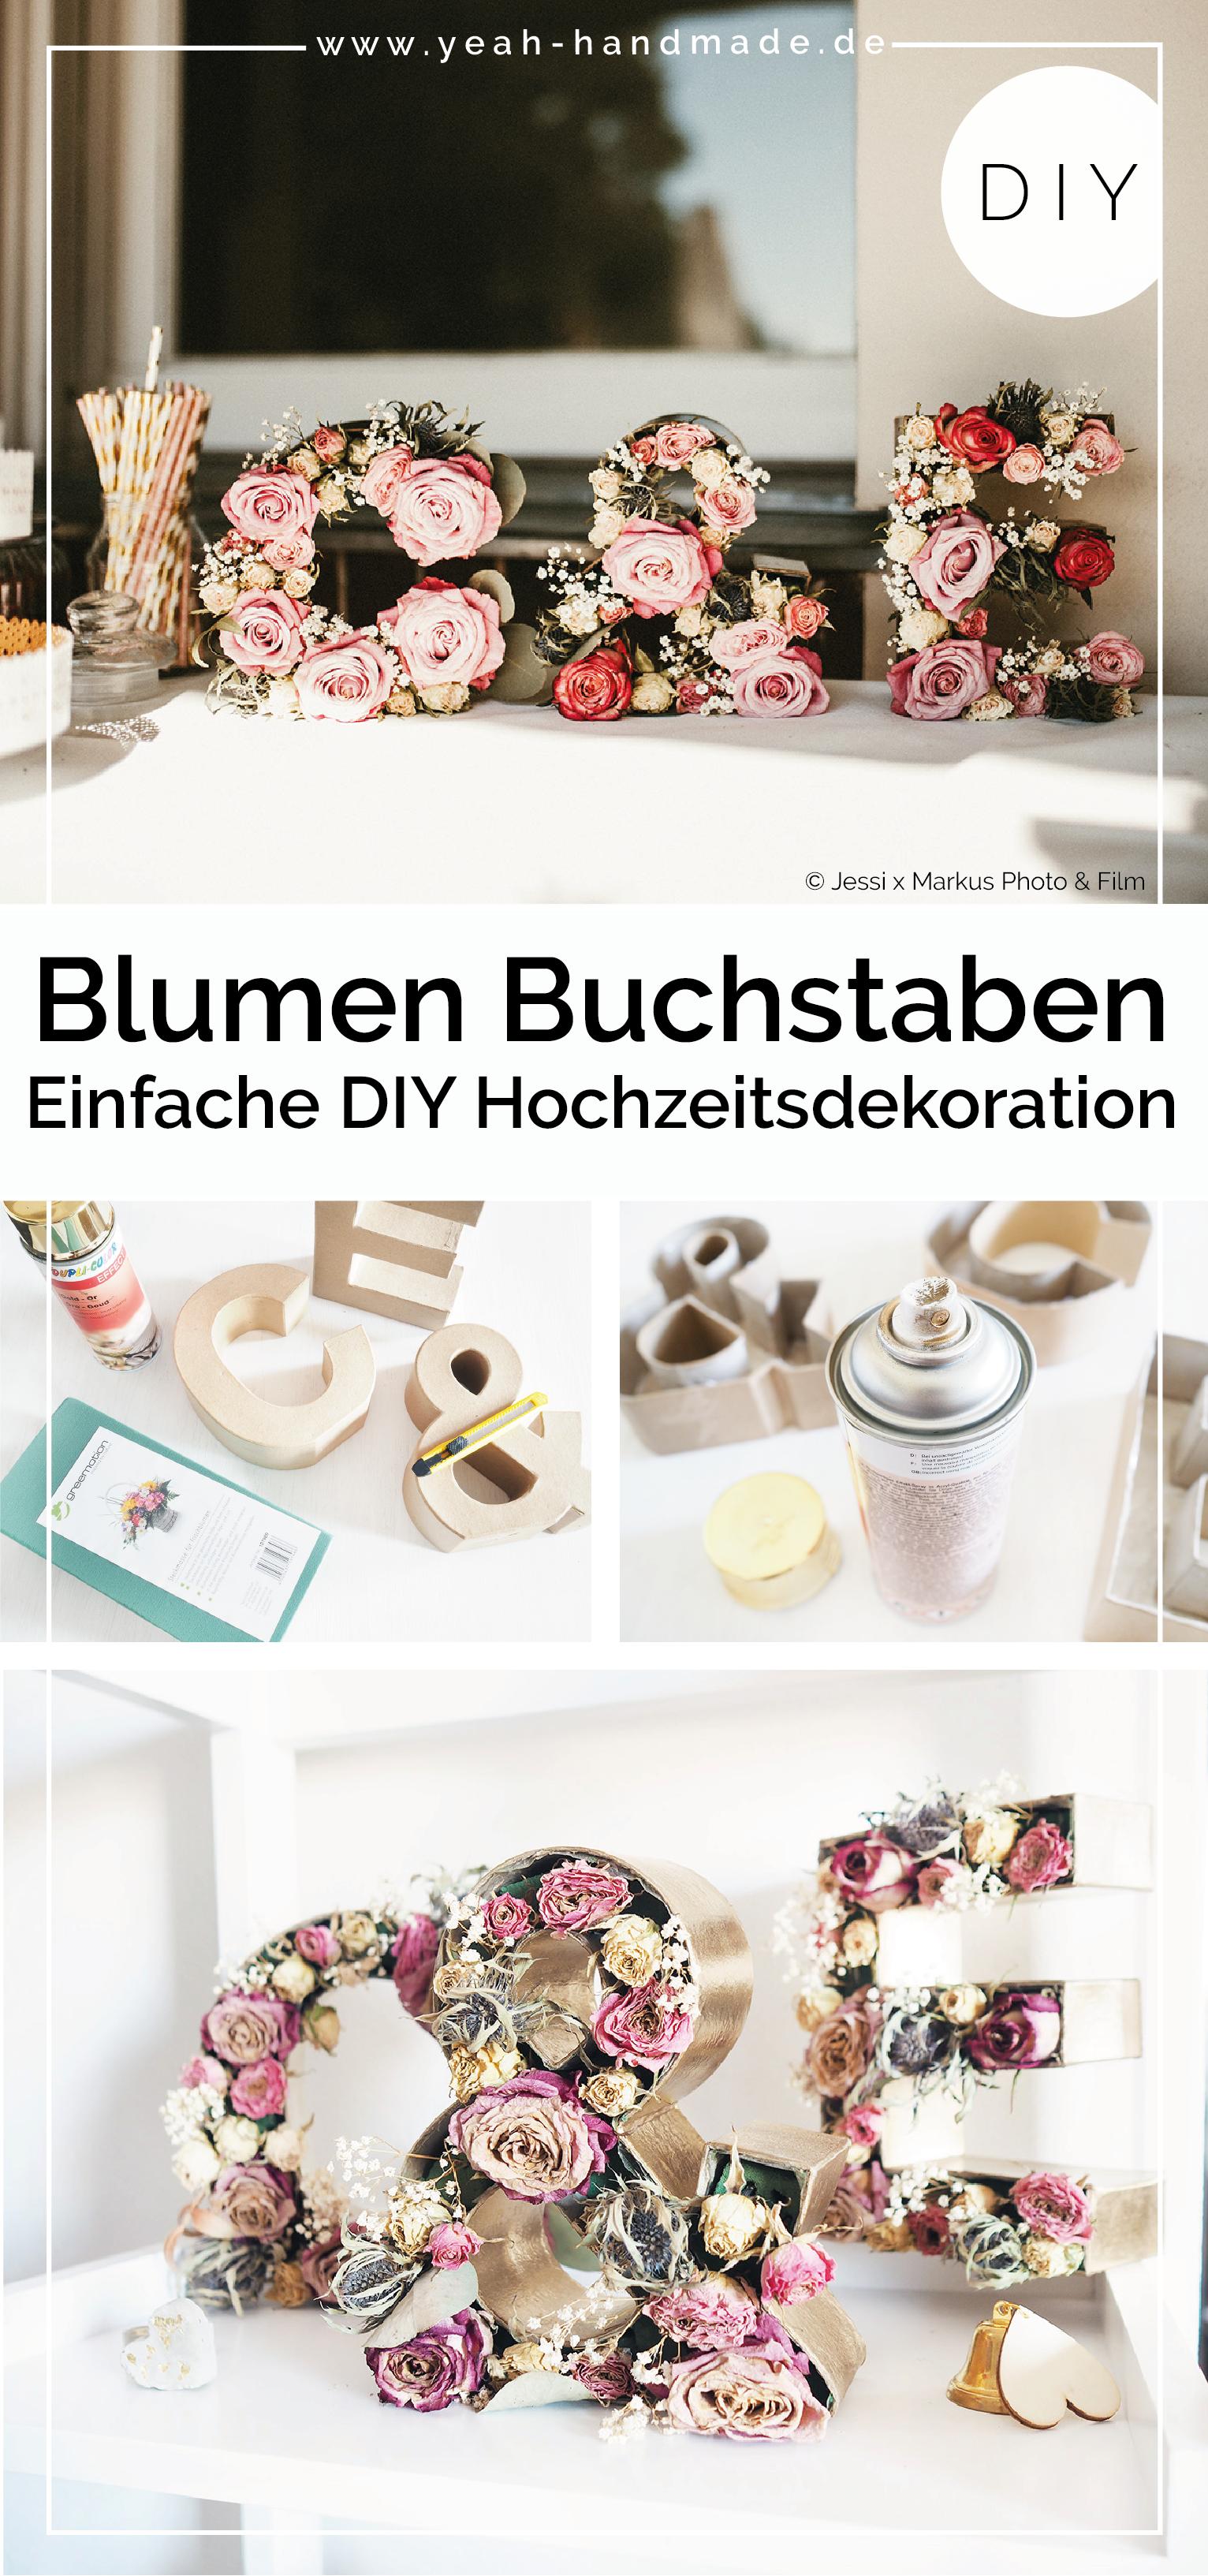 Bemerkenswert Hochzeitsideen Deko Galerie Von Diy Hochzeitsidee: Hochzeitsdeko Mit Blumen Selber Machen.